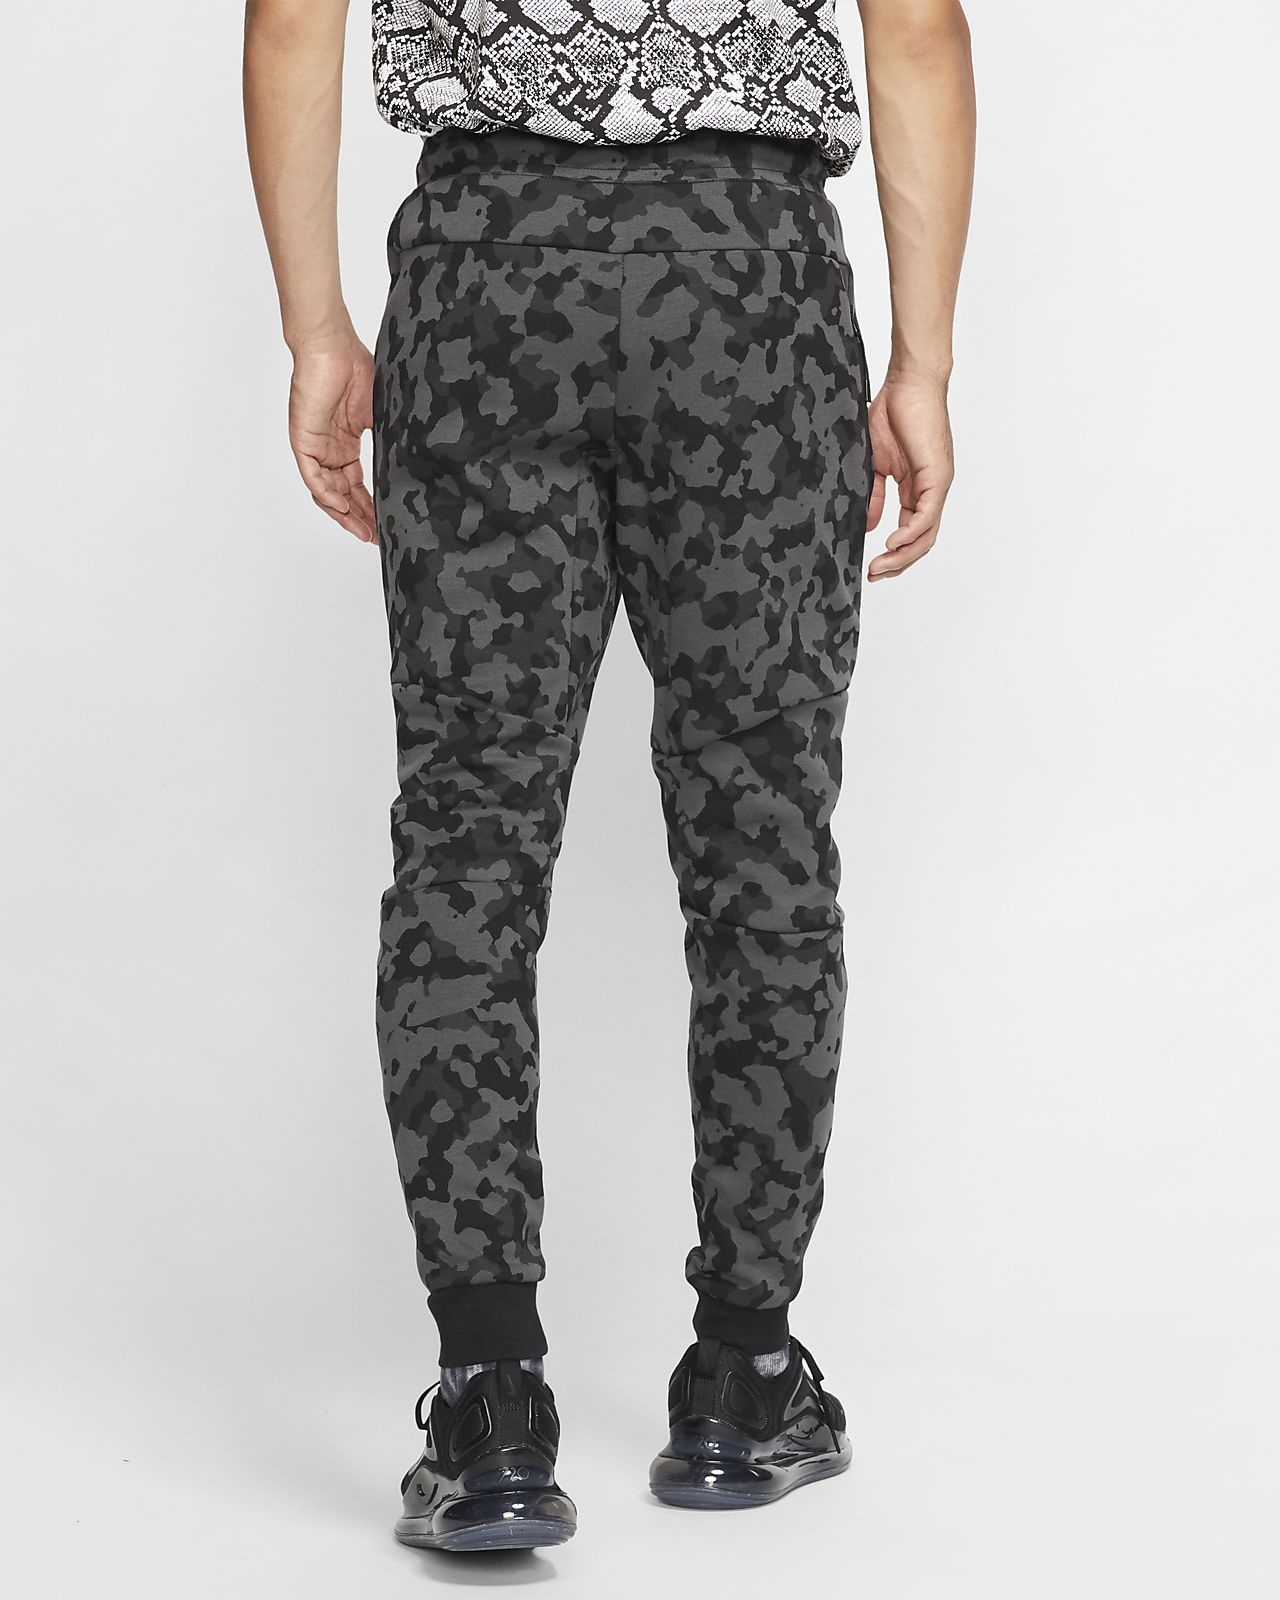 NIKE TECH FLEECE CAMO | Nike tech fleece, Camo pants, Tech